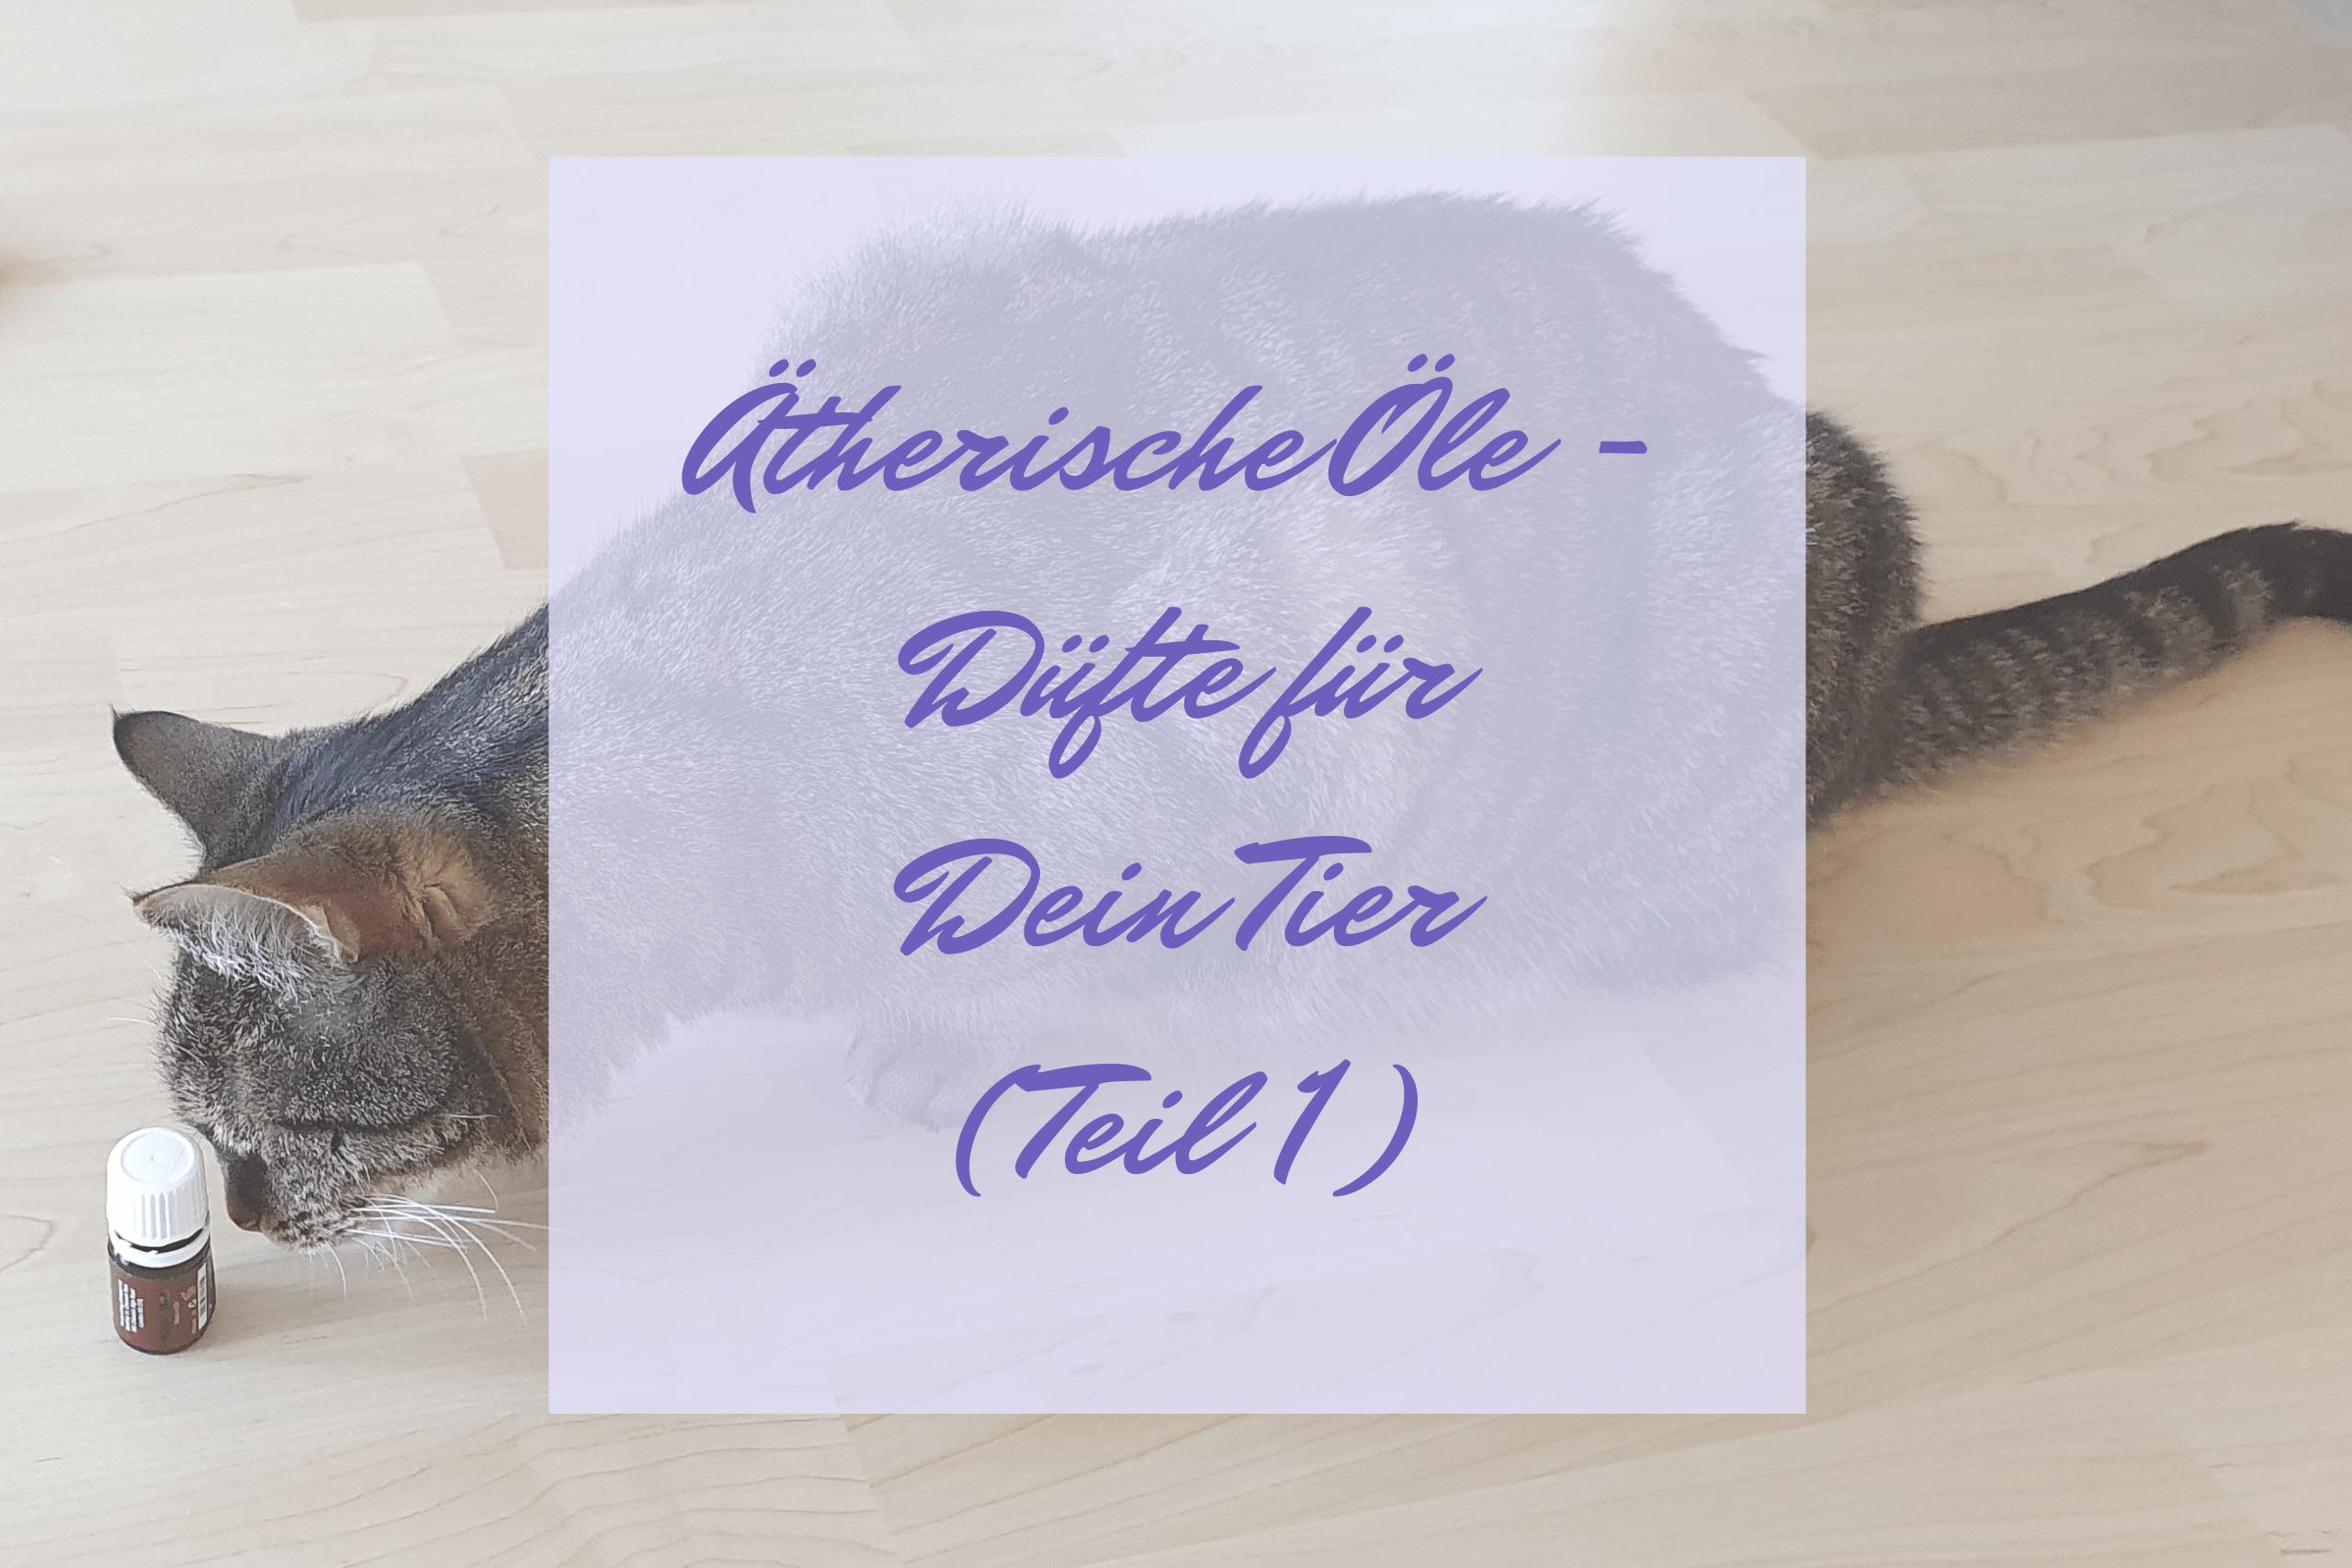 Ätherische Öle - Düfte für Dein Tier - Teil 1